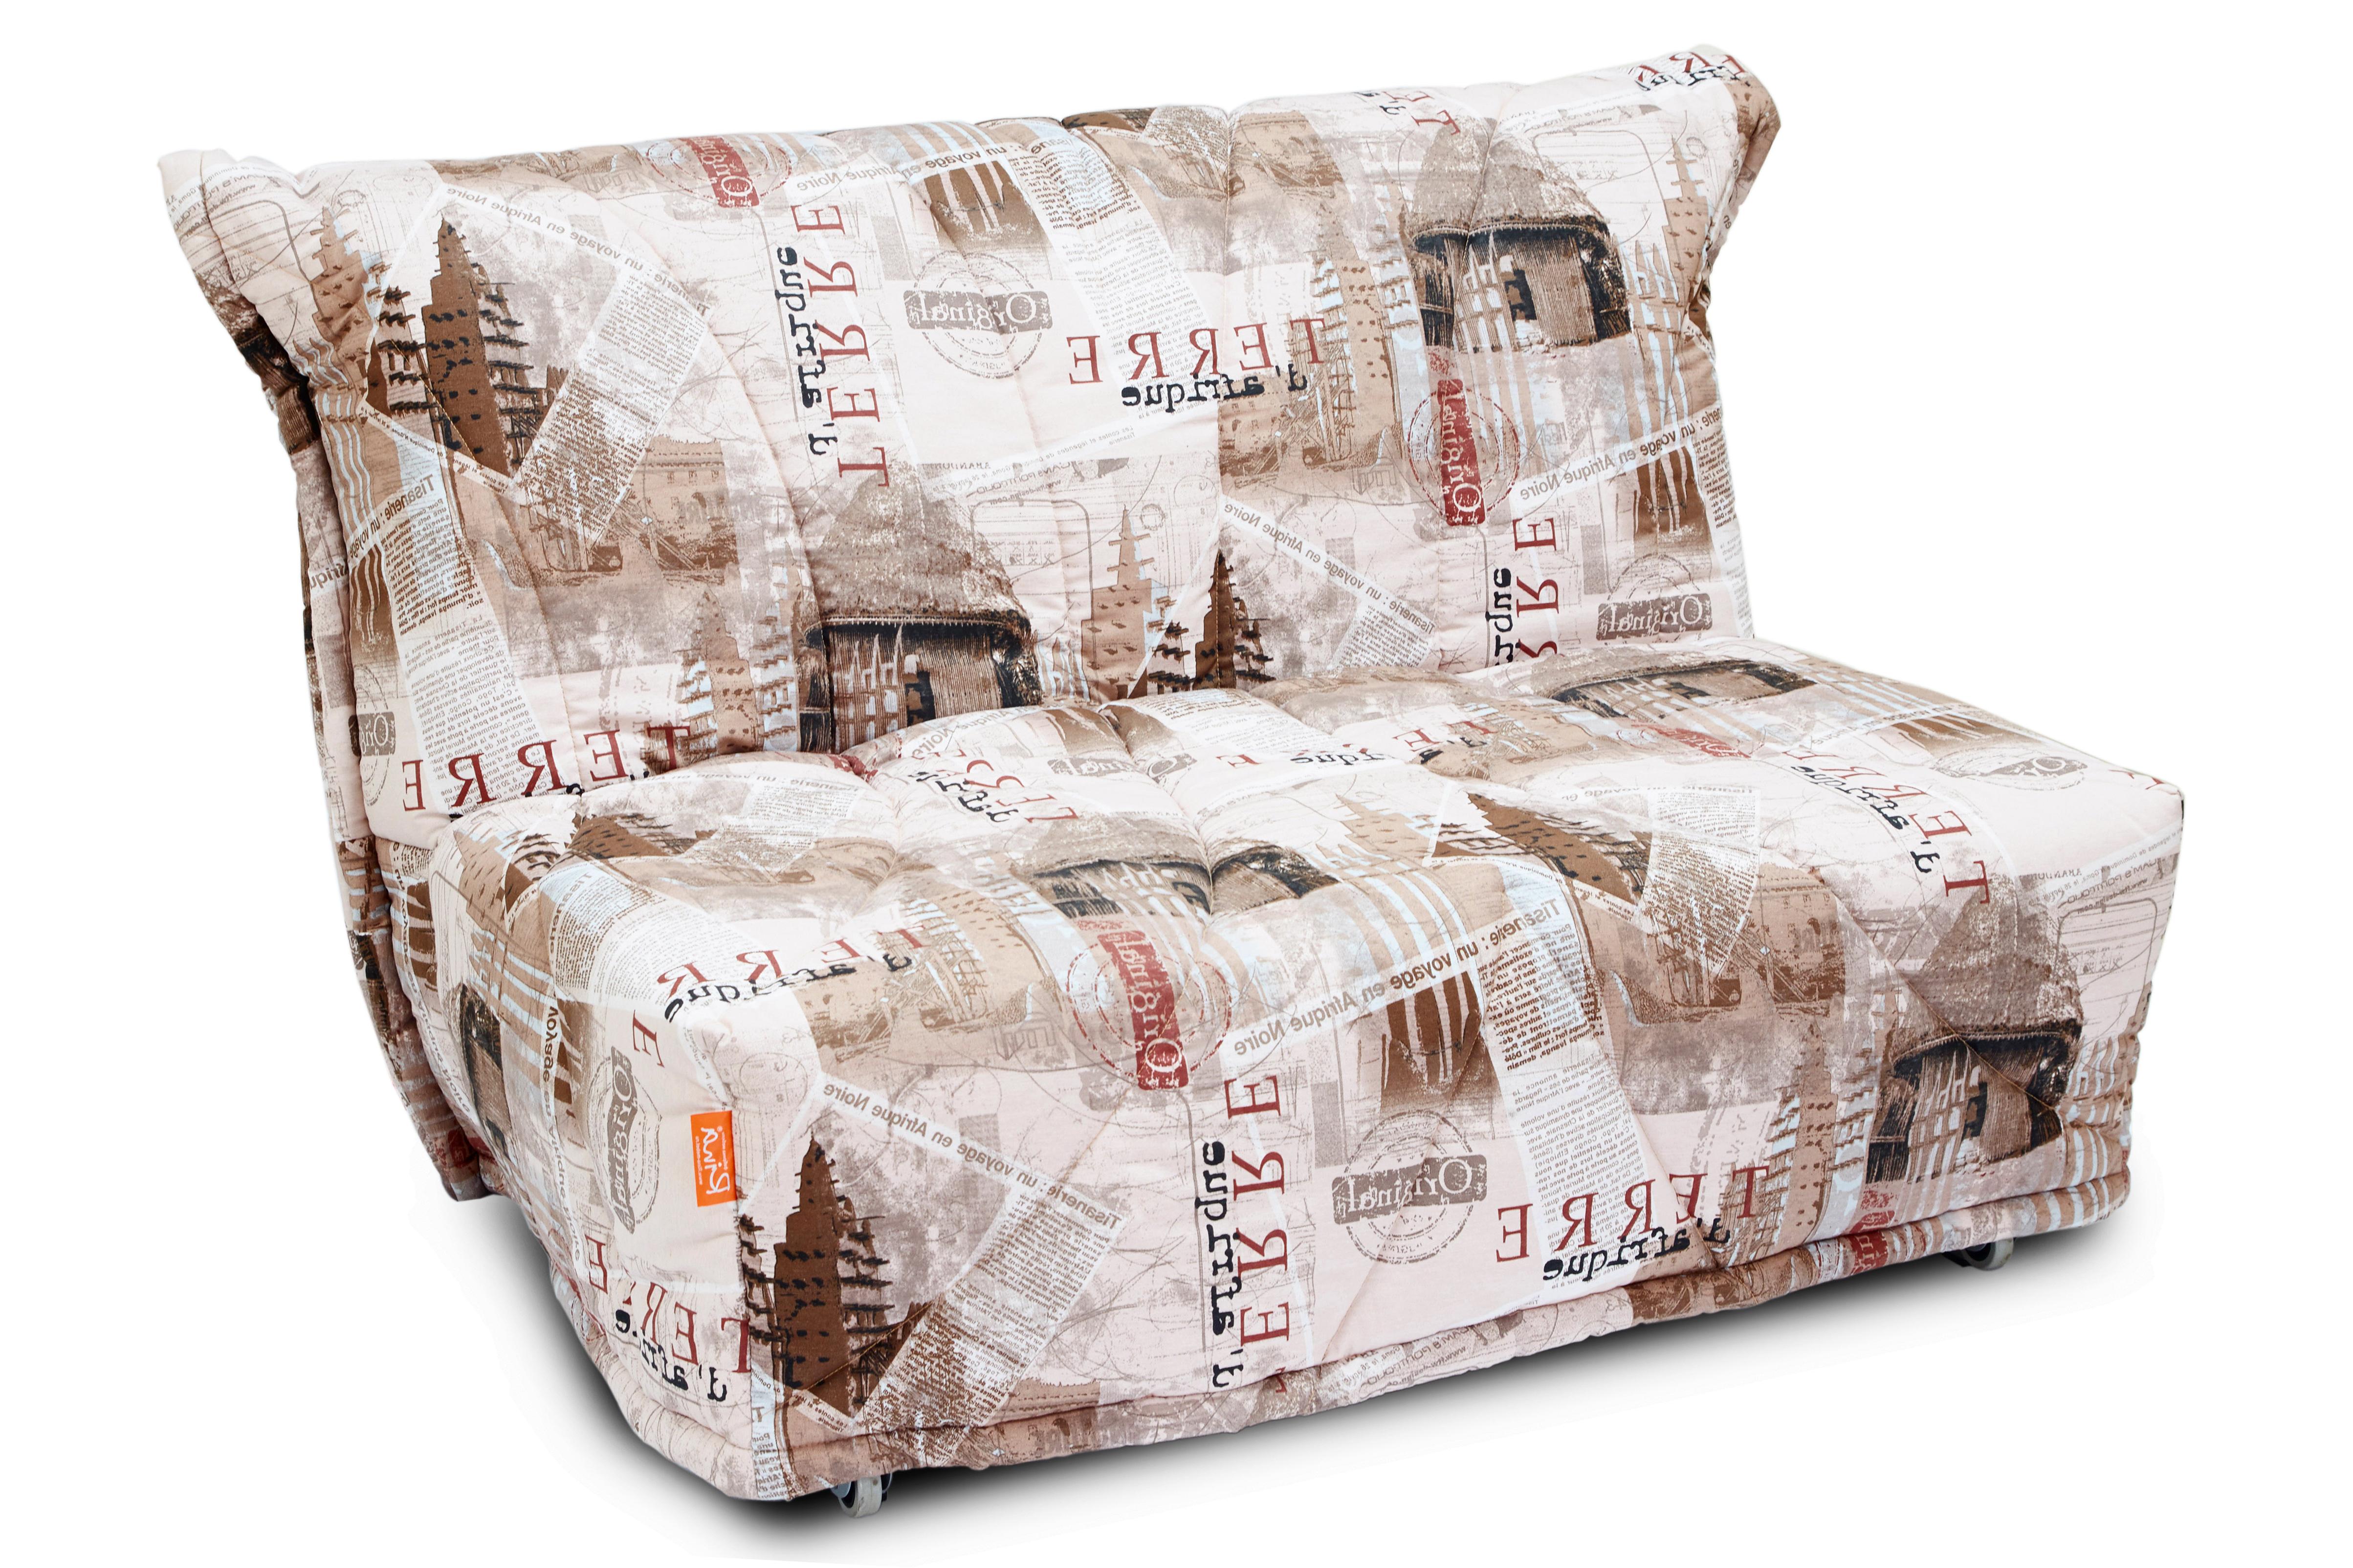 интернет магазин диванов фабрики Rina в екатеринбурге купить диван